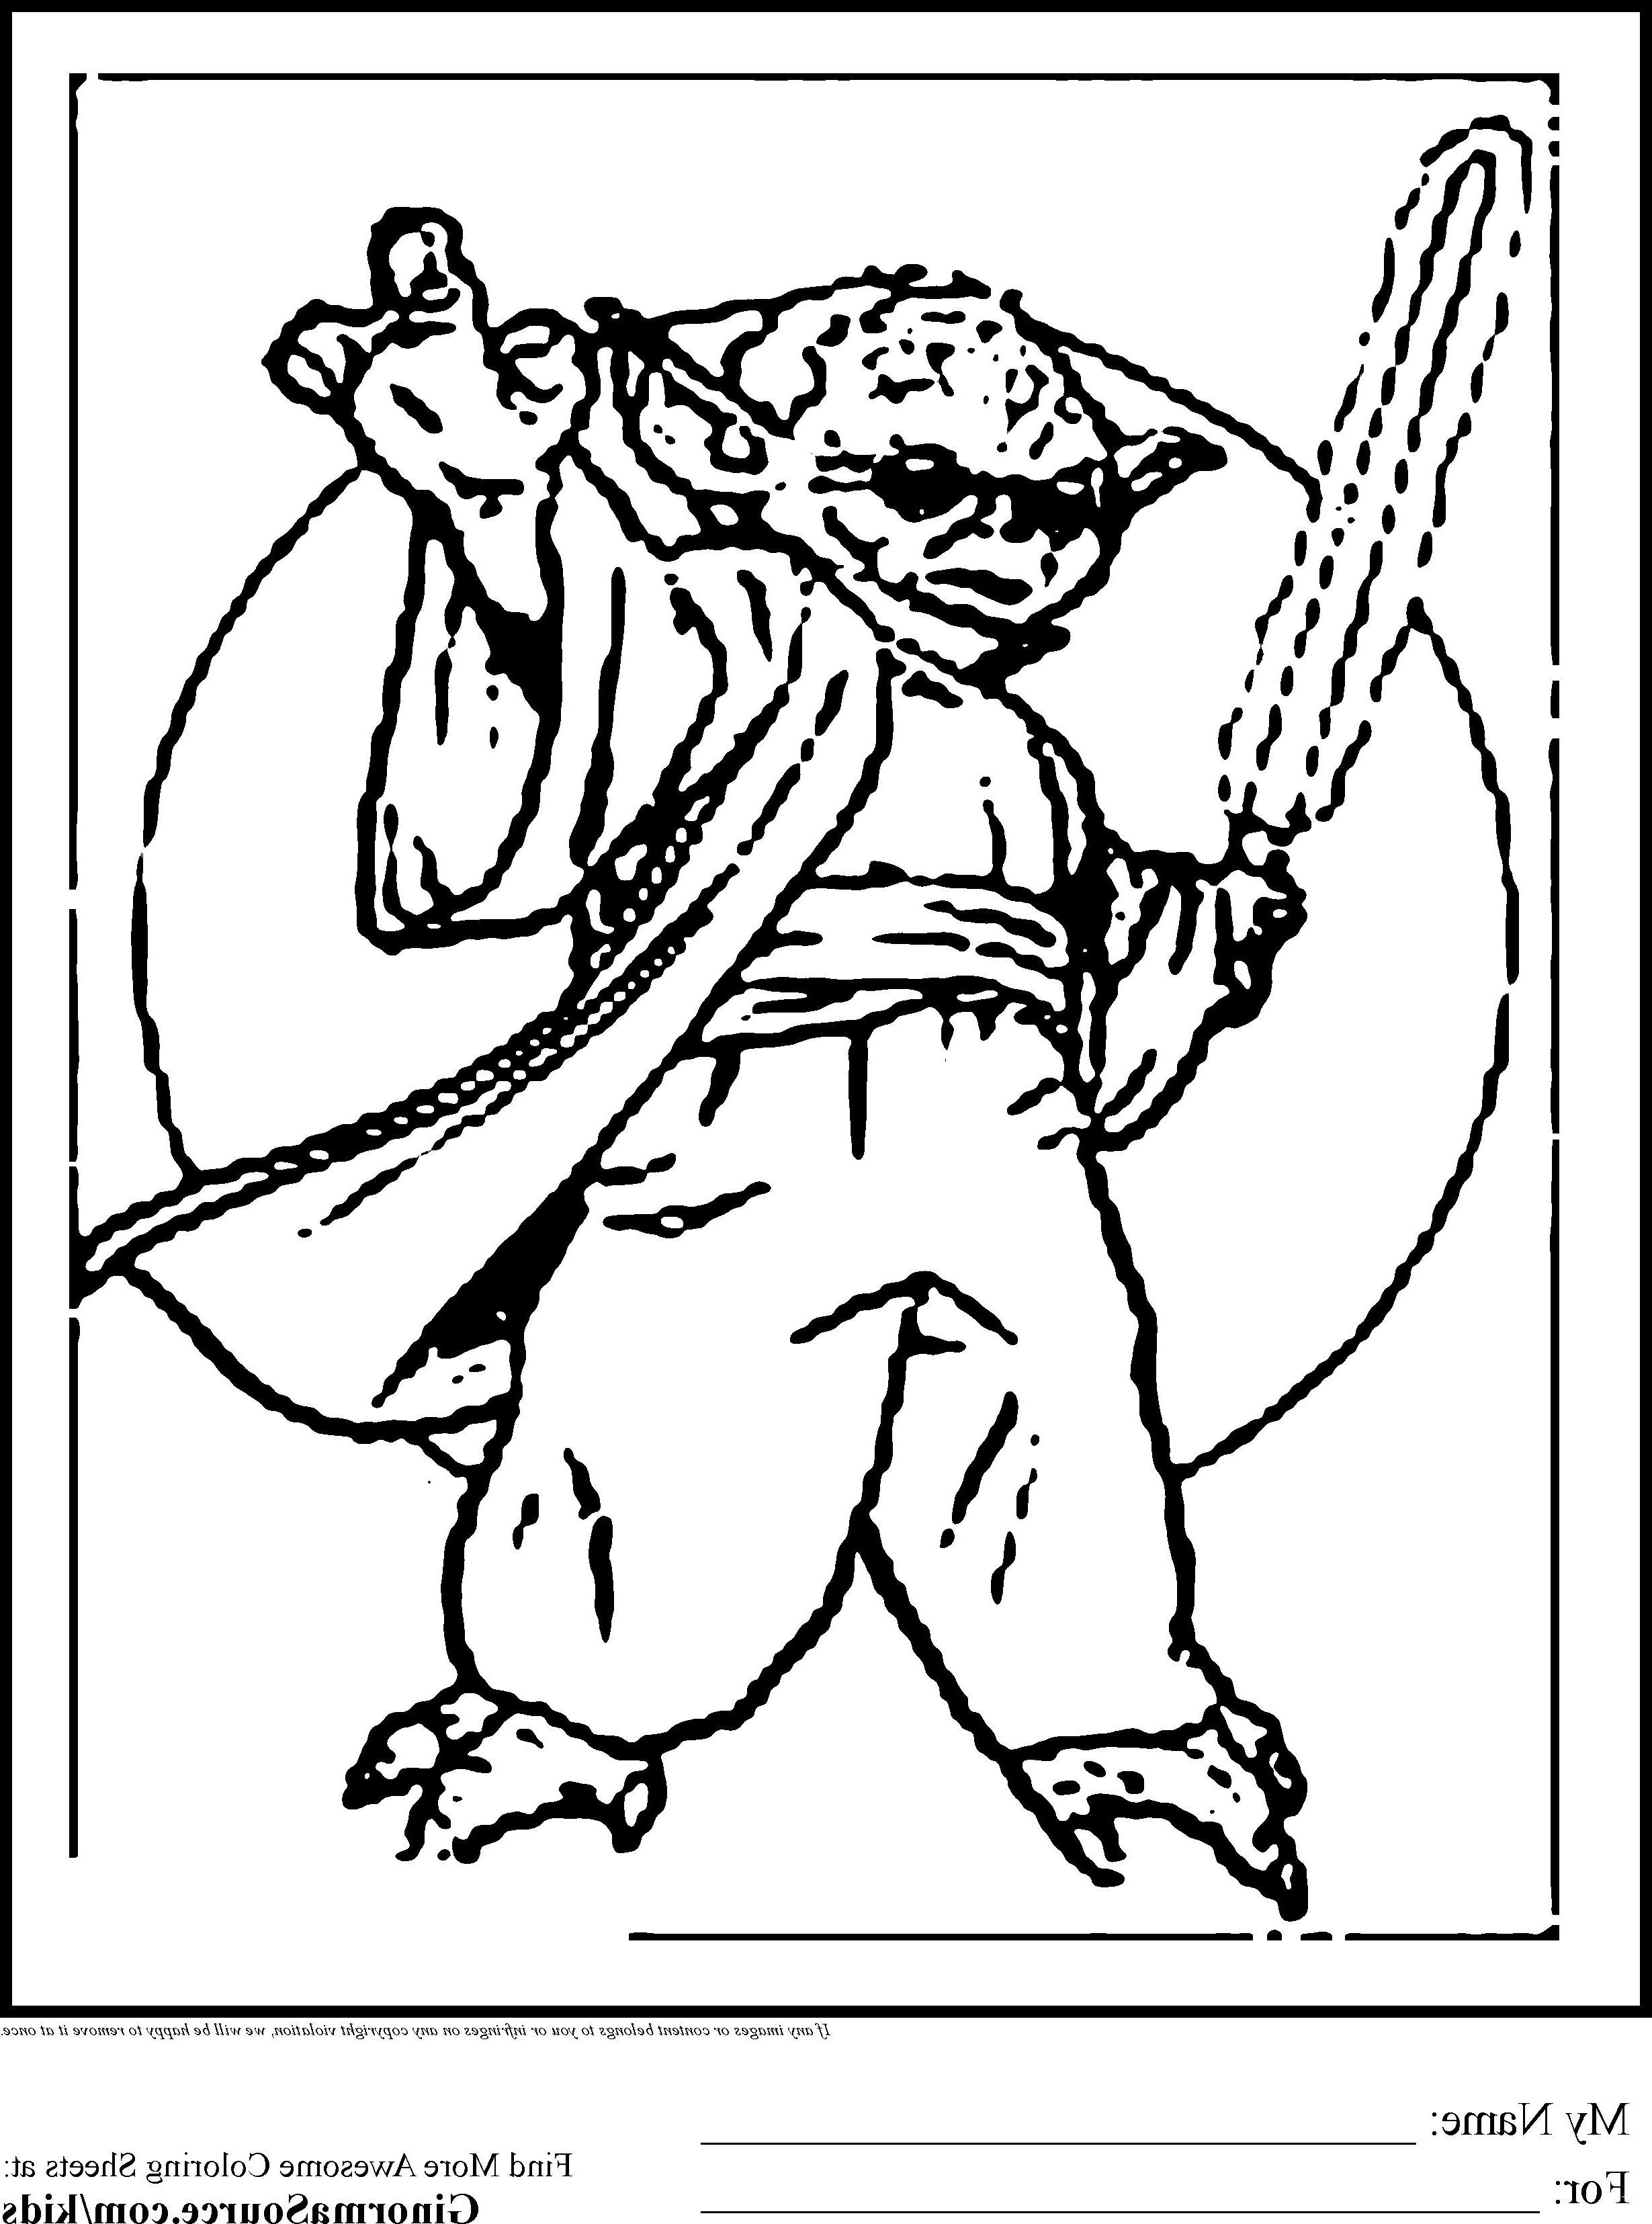 Star Wars Ausmalbilder Yoda Das Beste Von 44 Einzigartig Schwierige Ausmalbilder – Große Coloring Page Sammlung Fotos